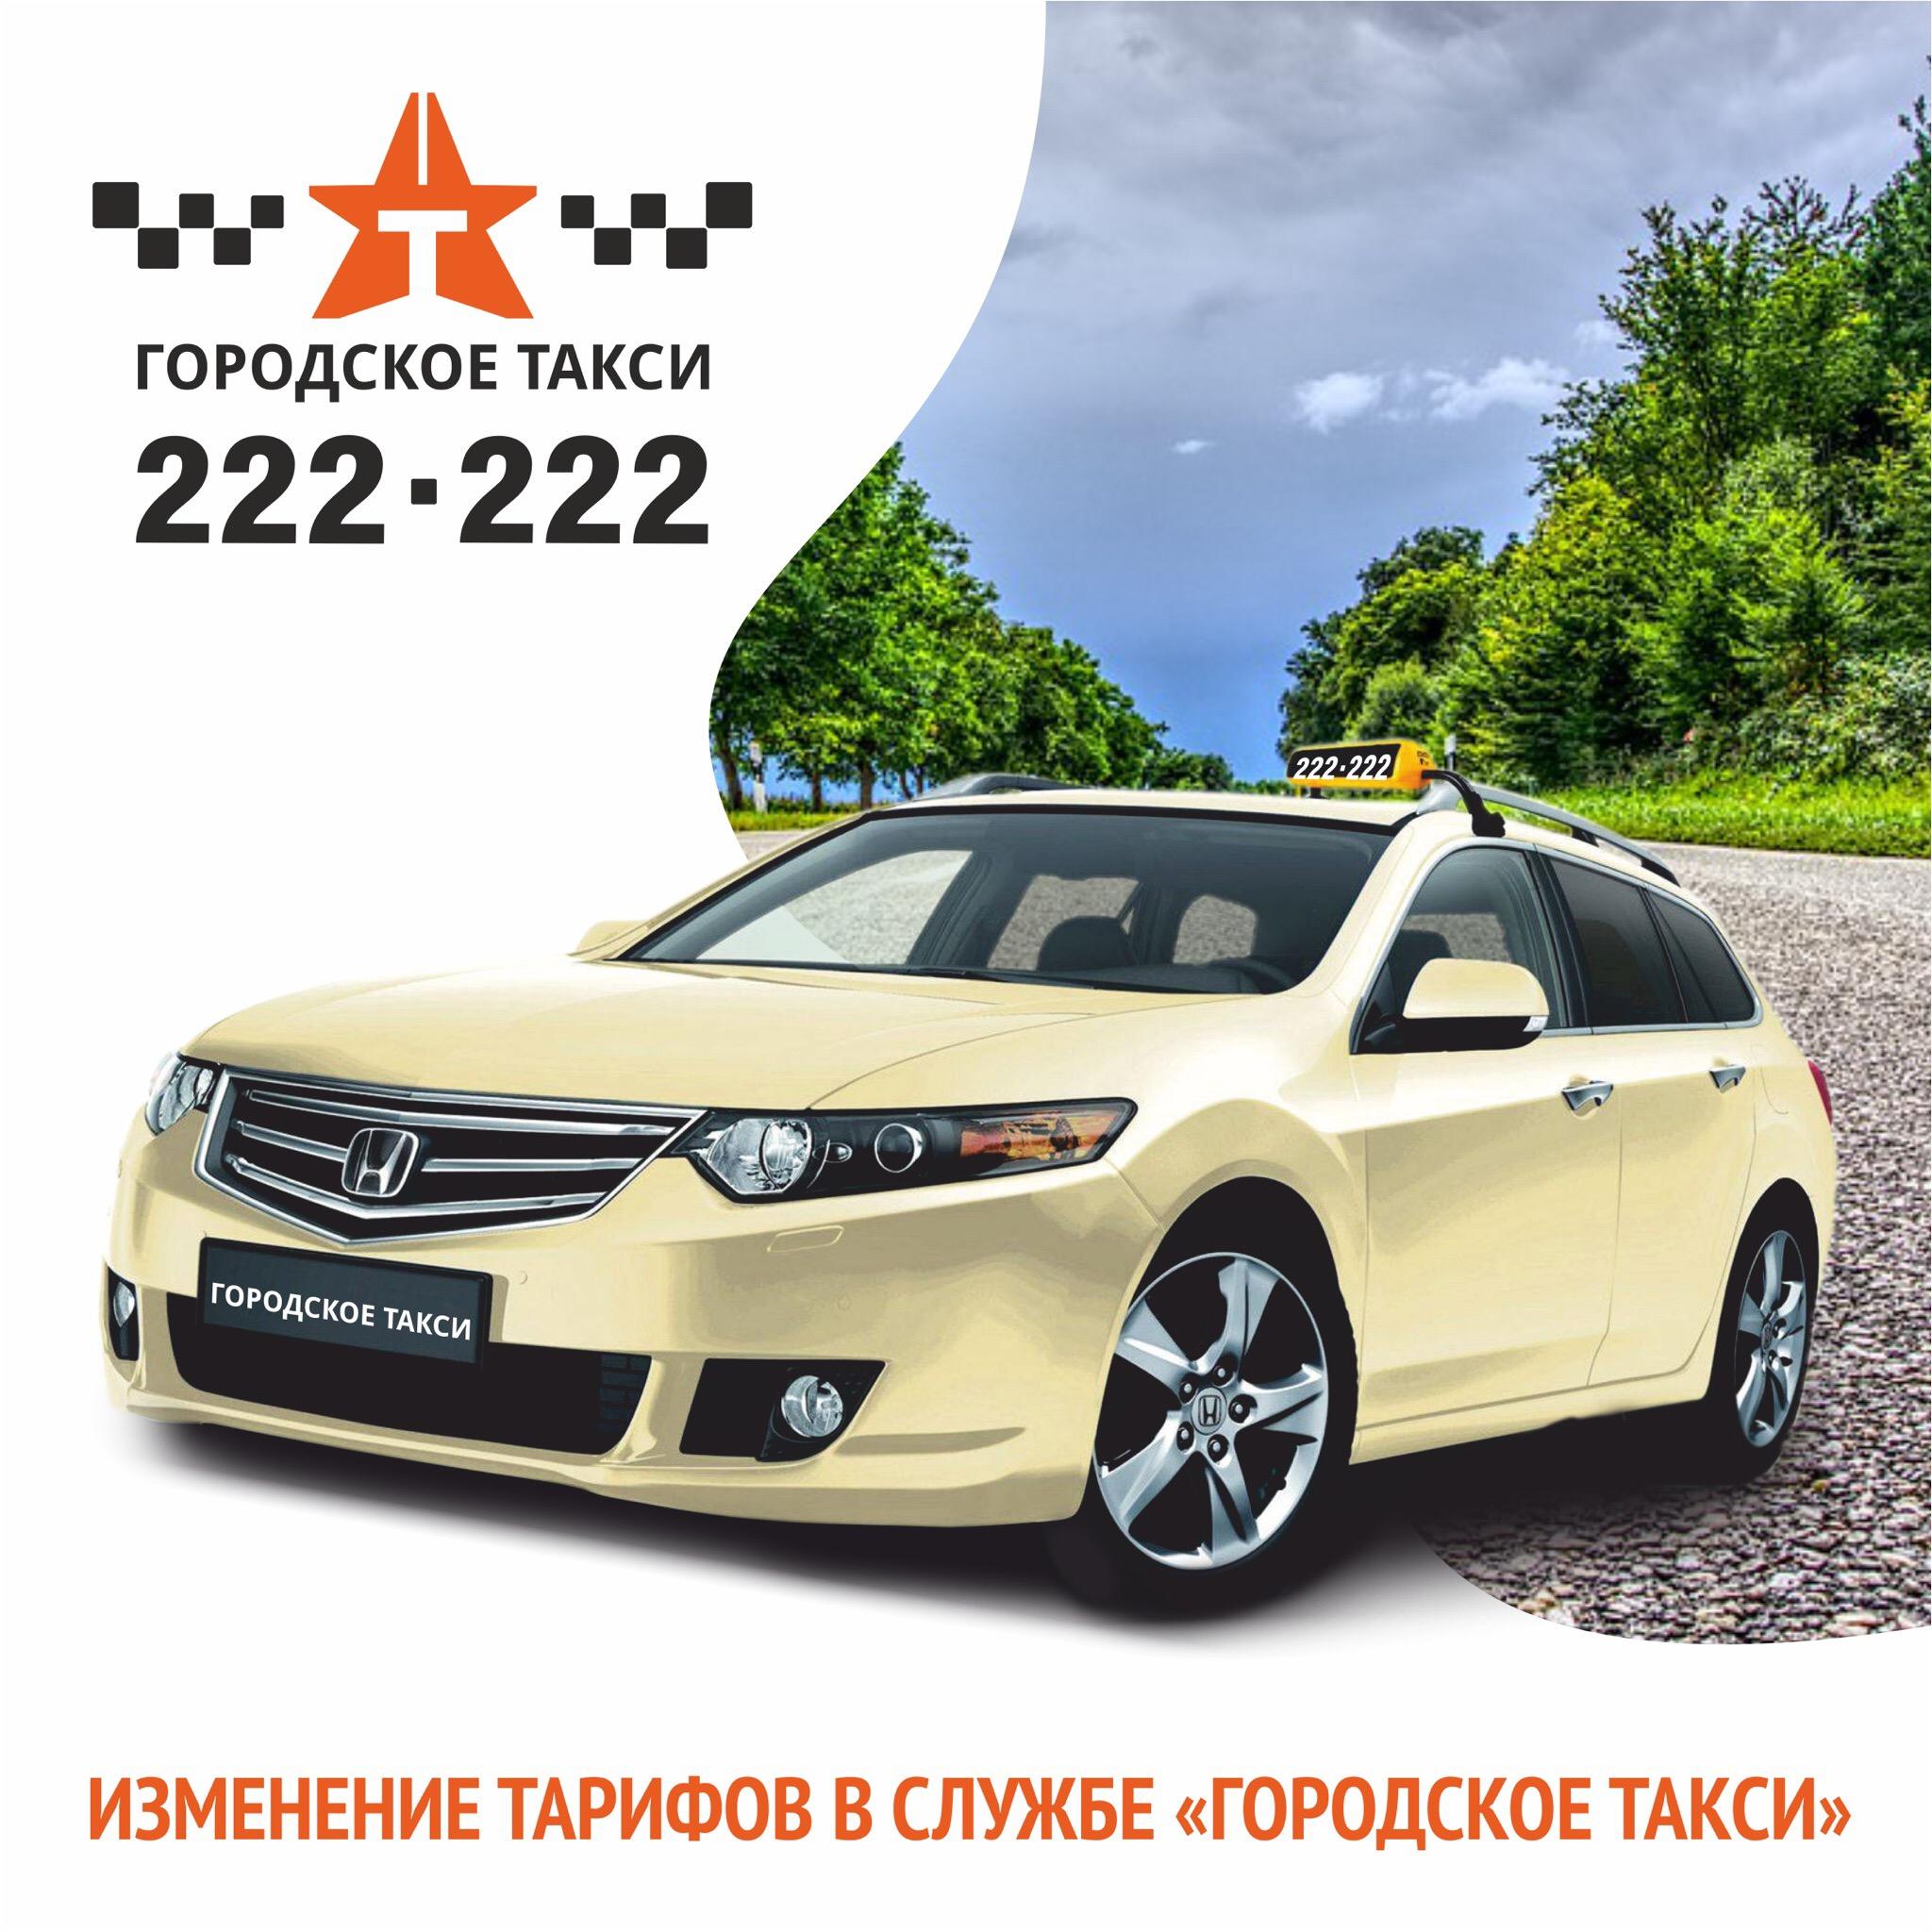 Изменение тарифов на услуги «Городского такси»